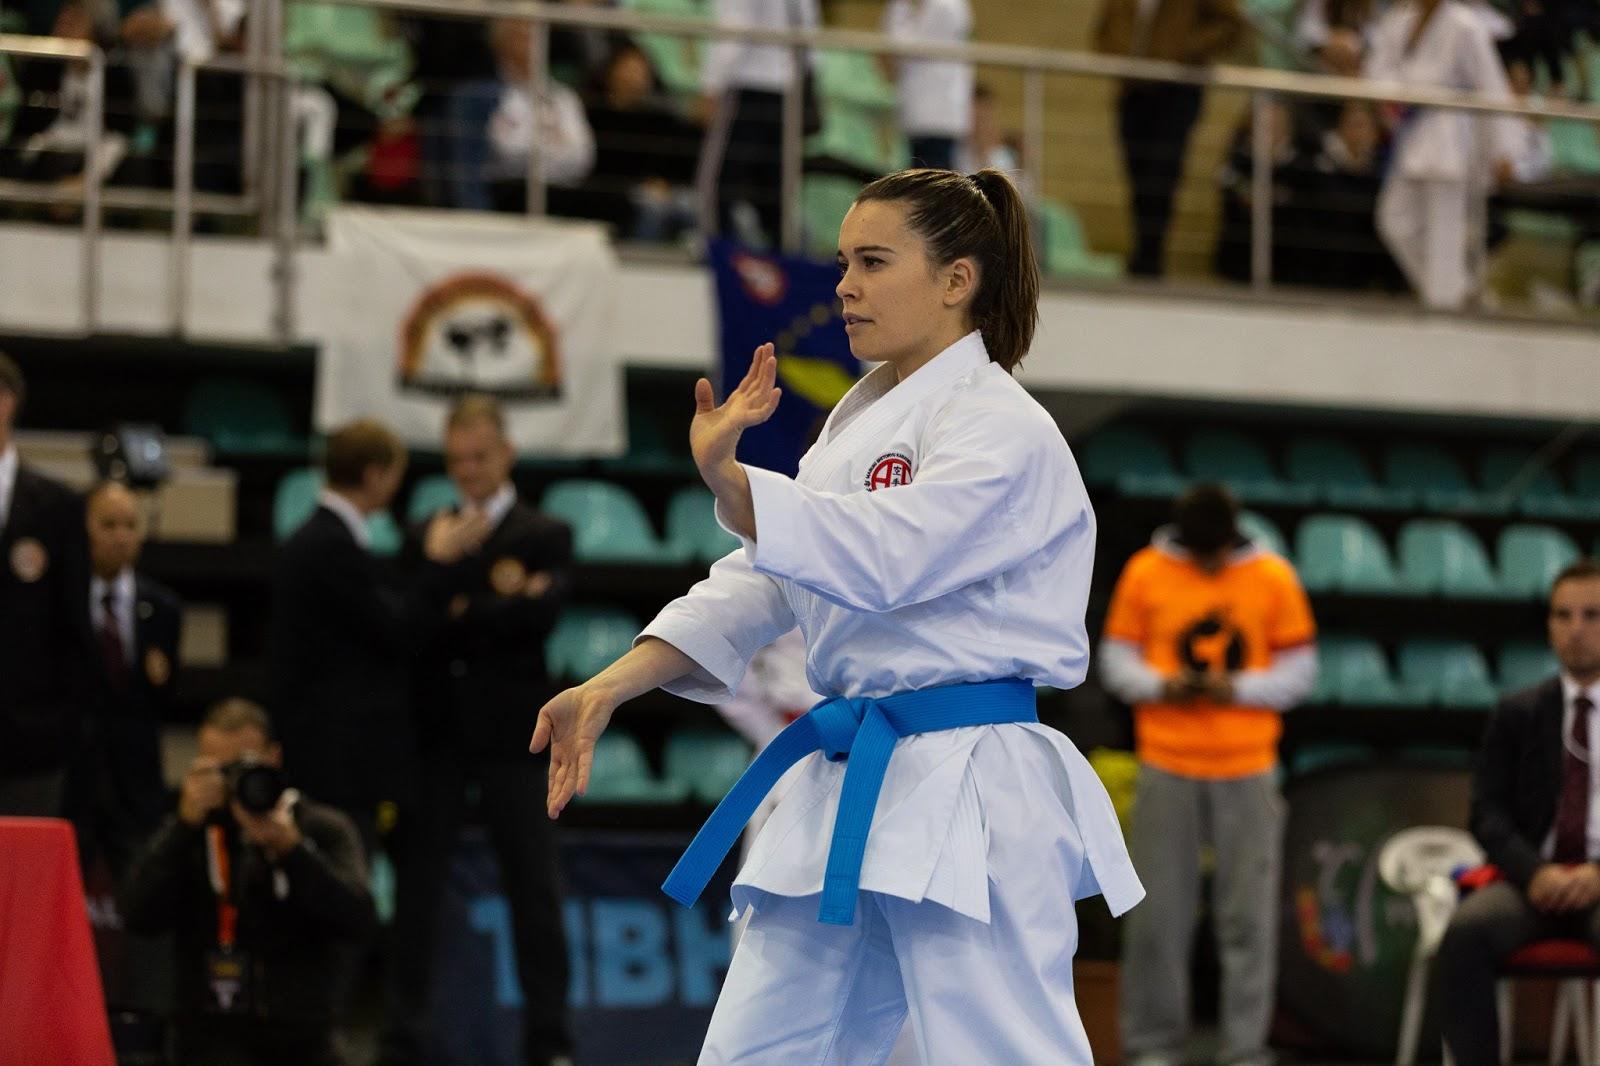 Ana Cruz Medalha de Ouro